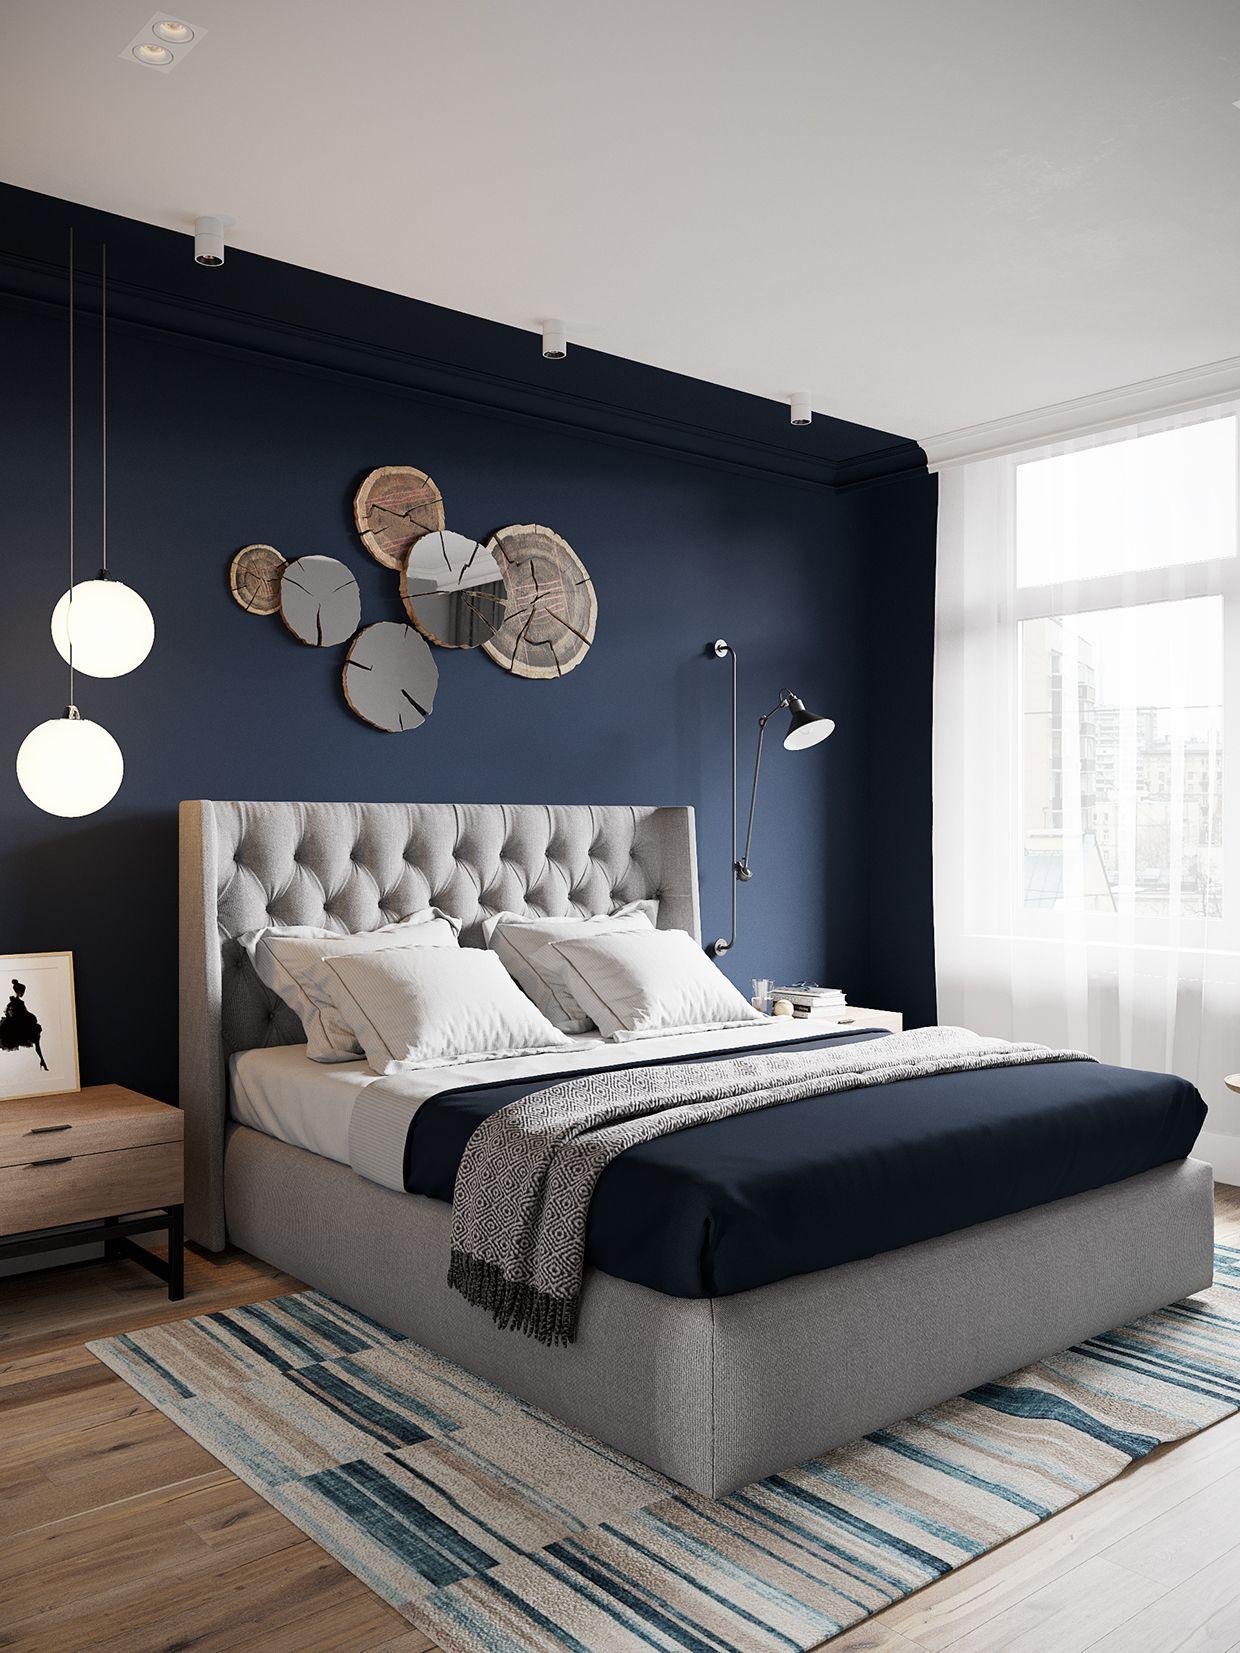 Pin de luz mu oz en house ideas recamara decoracion for Dormitorio principal m6 deco